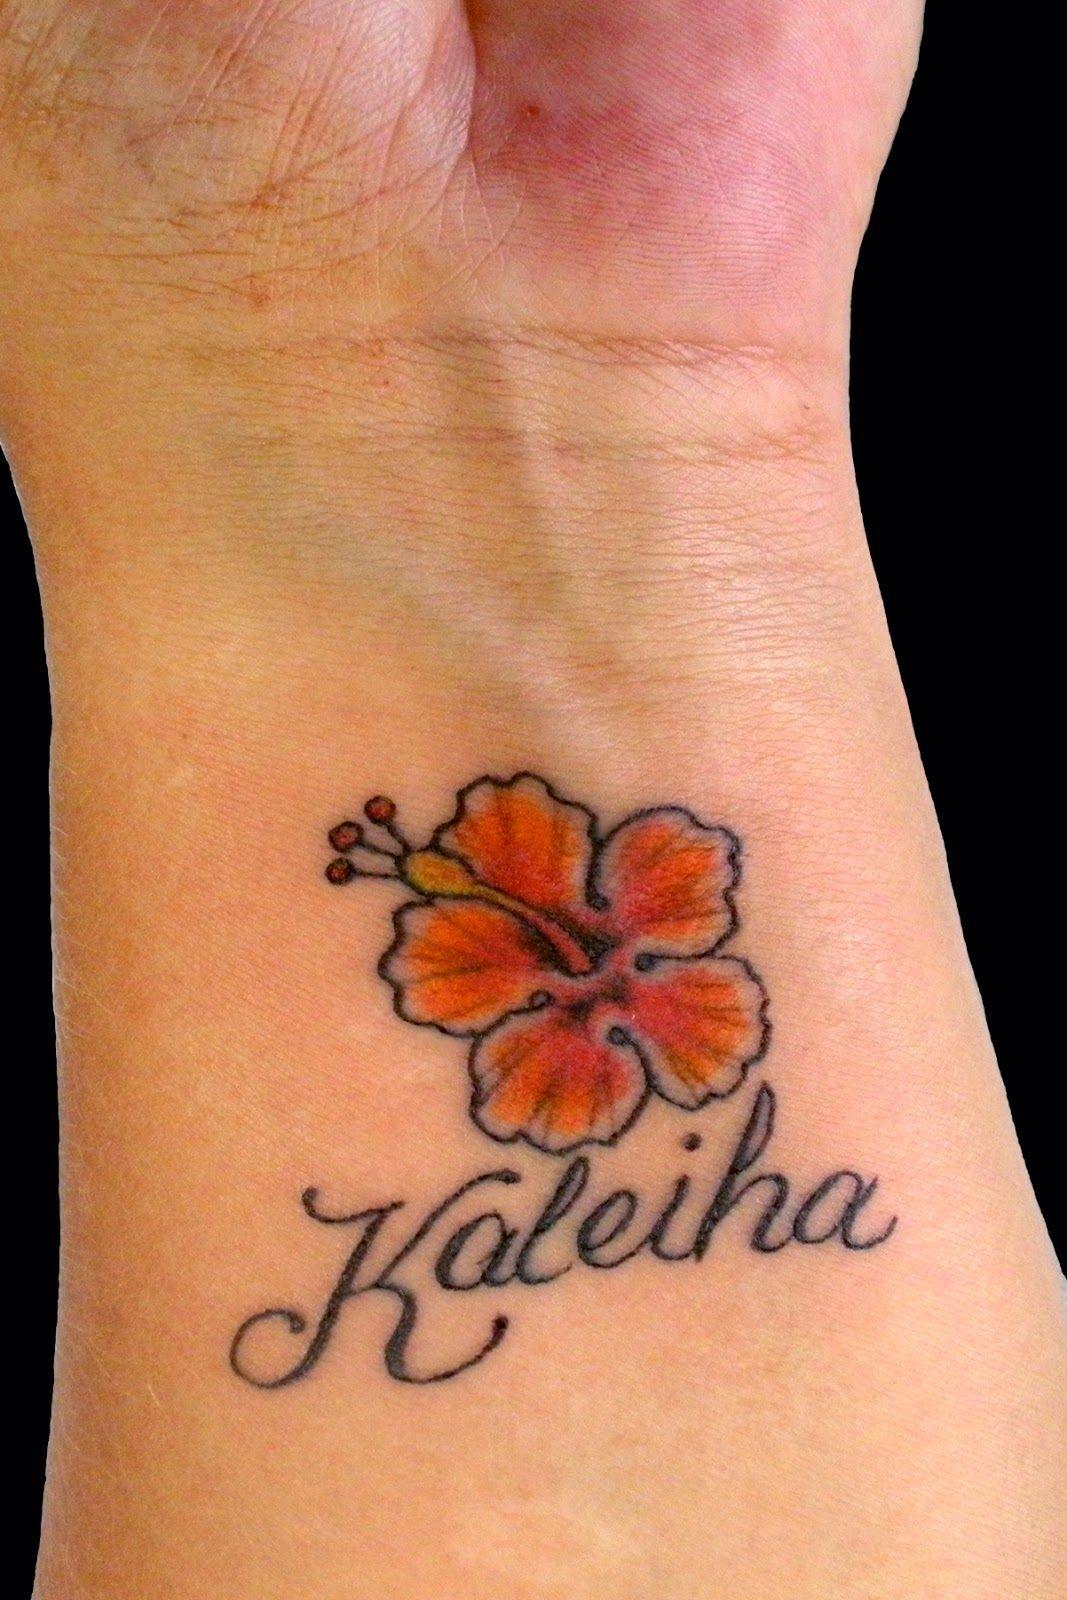 Sweet trade tattoo maui hawaiian flower tattoos hawaiian tattoos sweet trade tattoo maui hawaiian flower tattoos izmirmasajfo